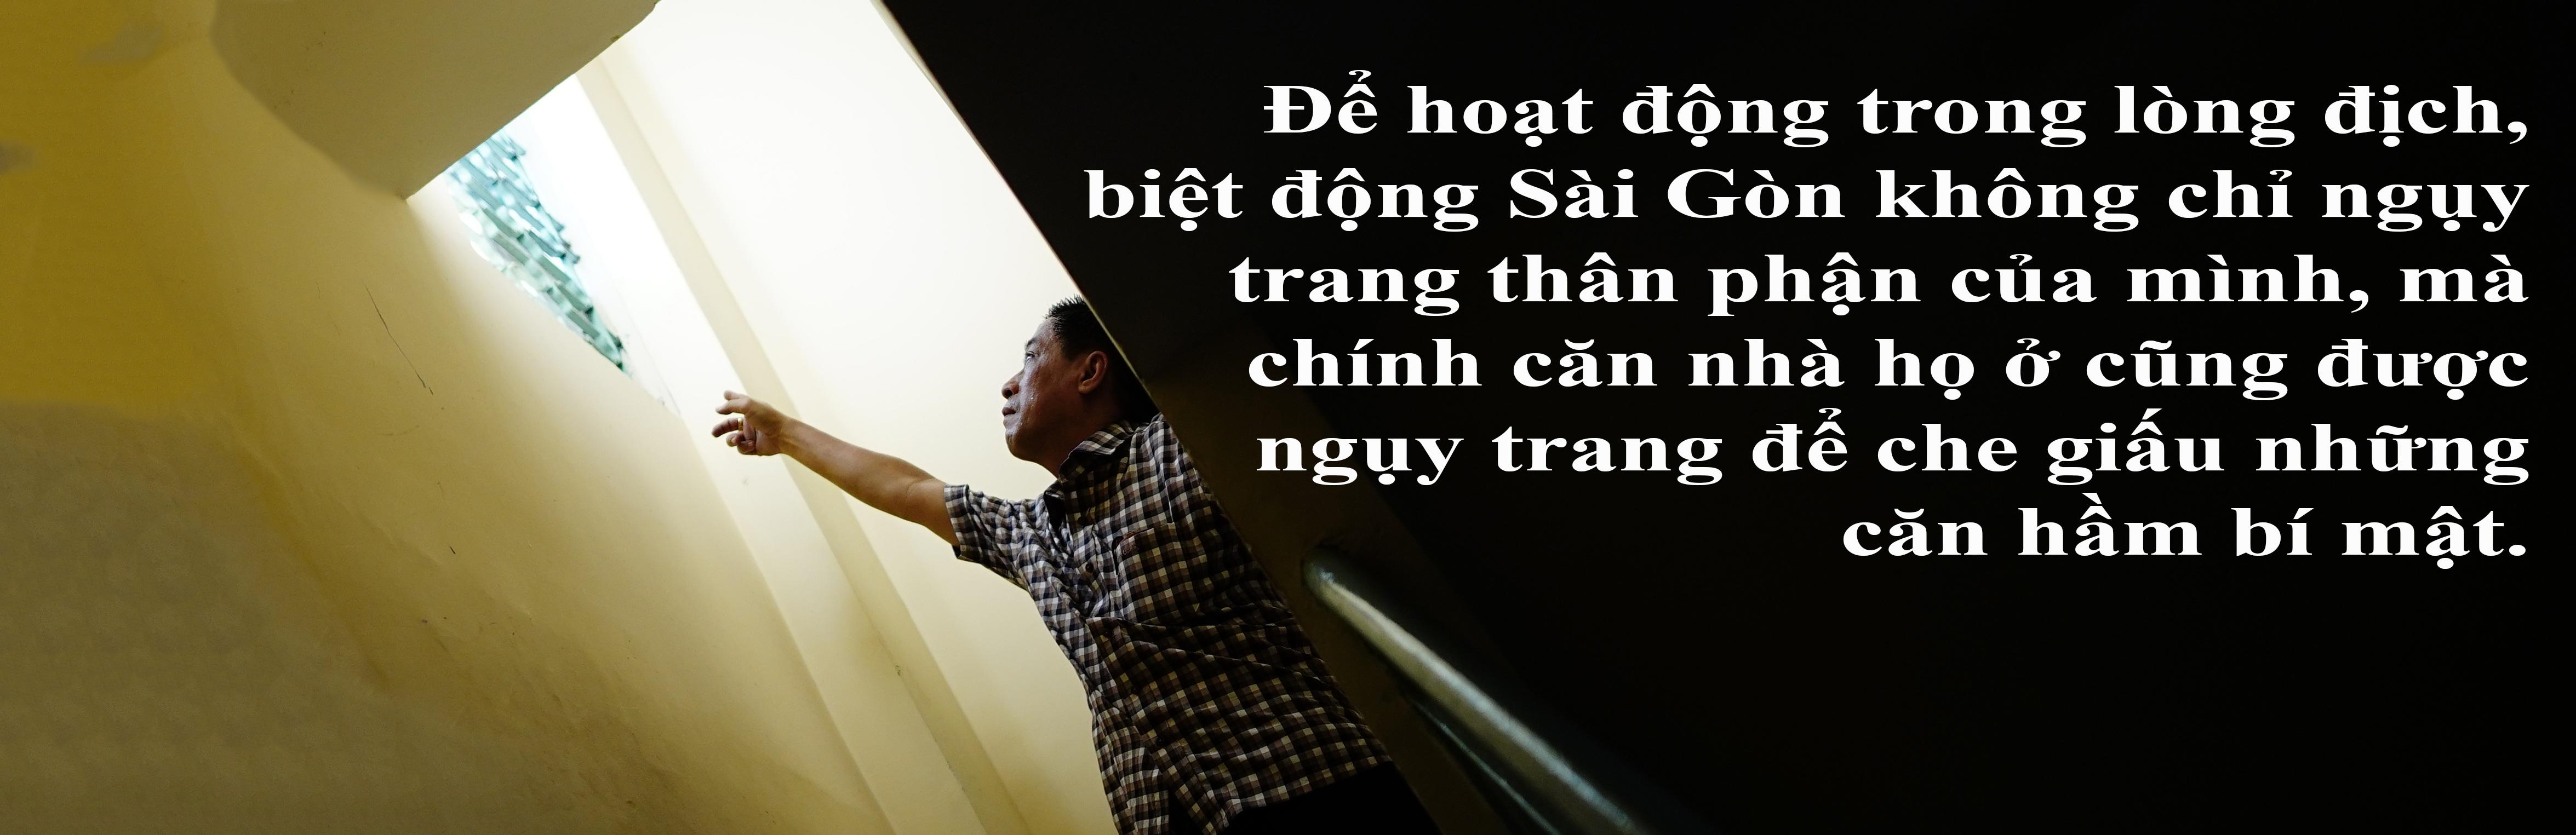 Những hồi tưởng xúc động về căn hầm bí mật của Biệt động Sài Gòn - 1